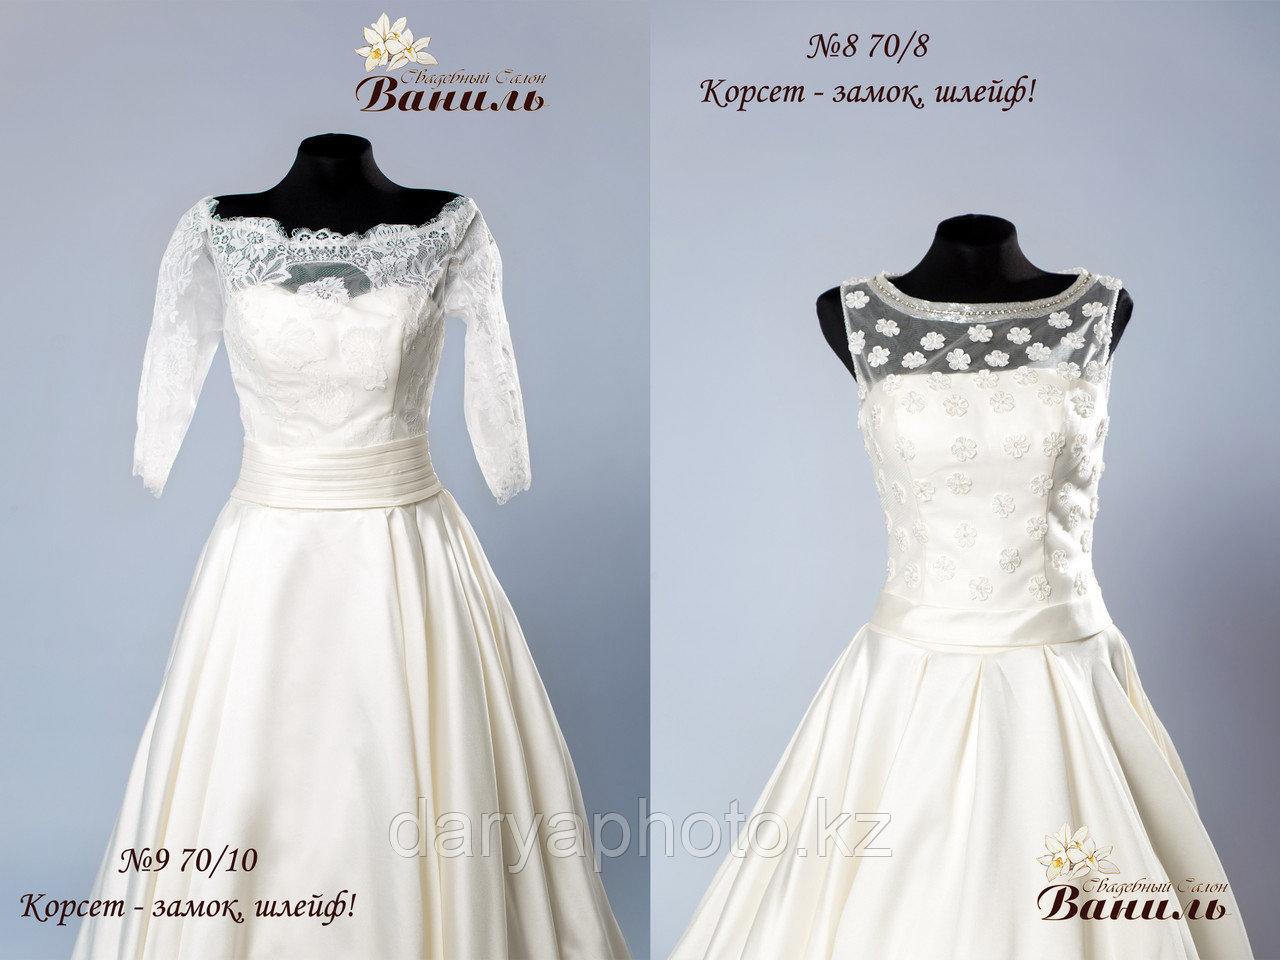 Свадебное платье - атласный шлейф